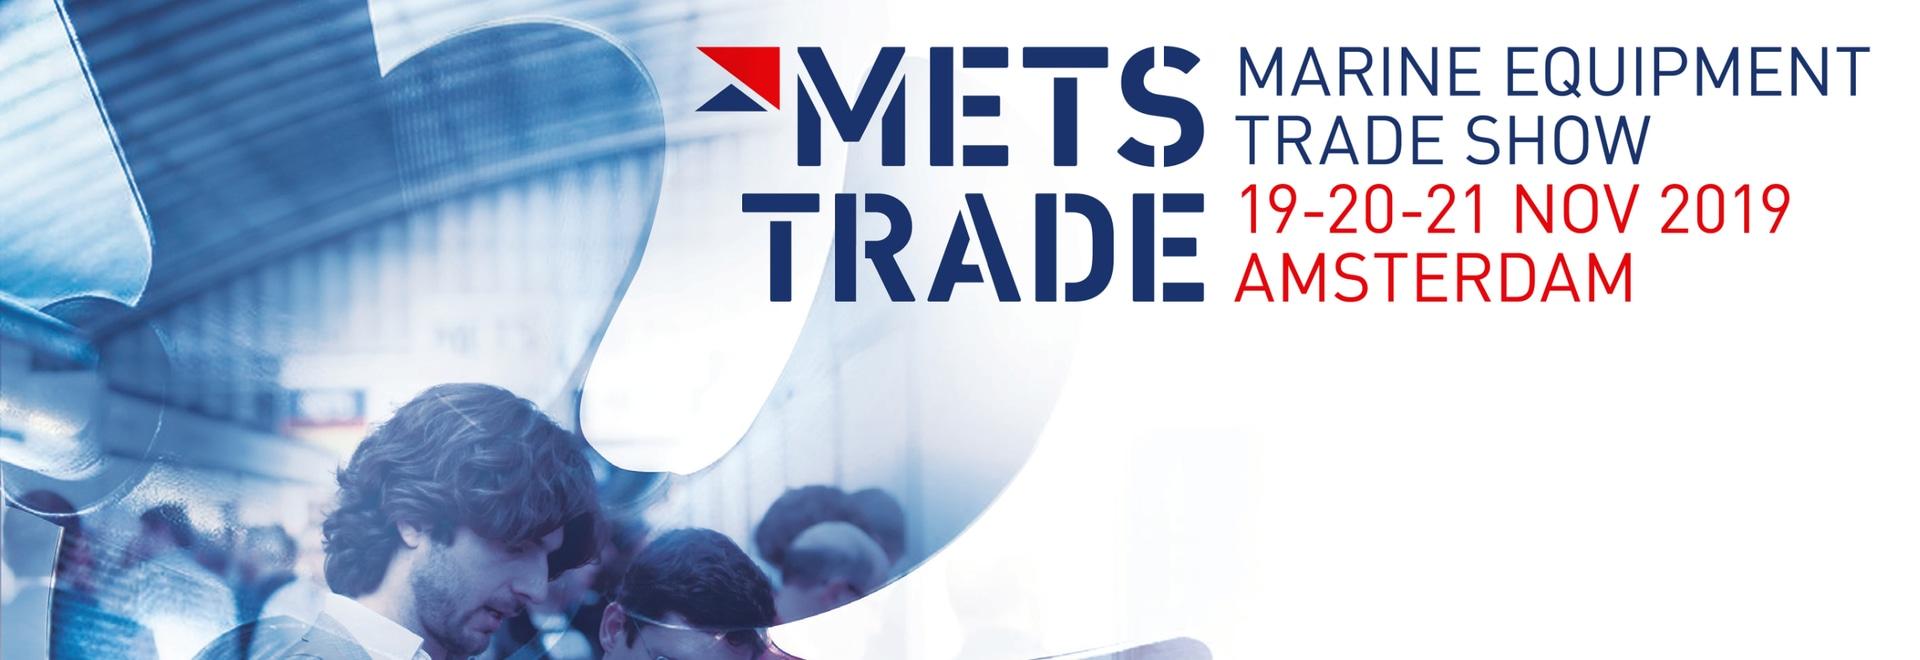 Dévoilement de nos nouveaux produits à Metstrade 2019